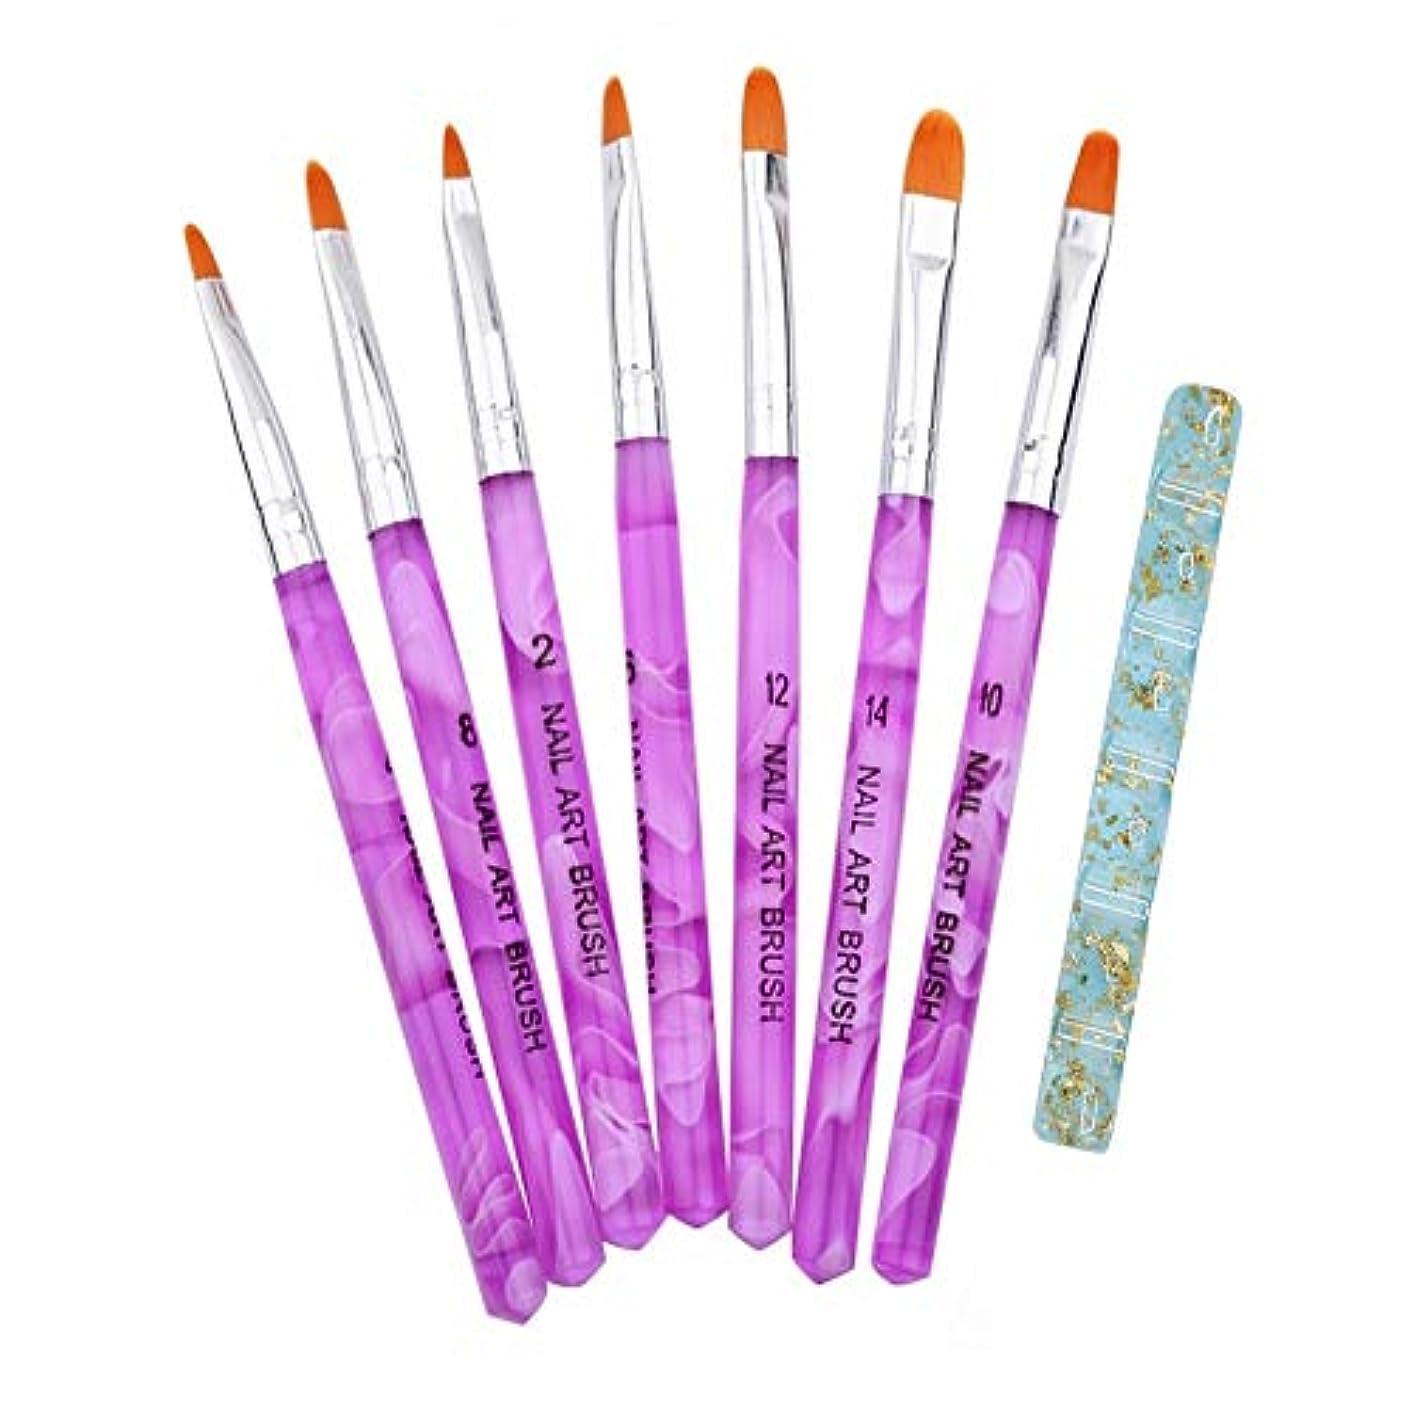 悪い目に見える死ぬジェル ネイル ブラシ UV 用 平筆 ブラシ 7本 セット 爪 アート プロ仕様 (7本セット)